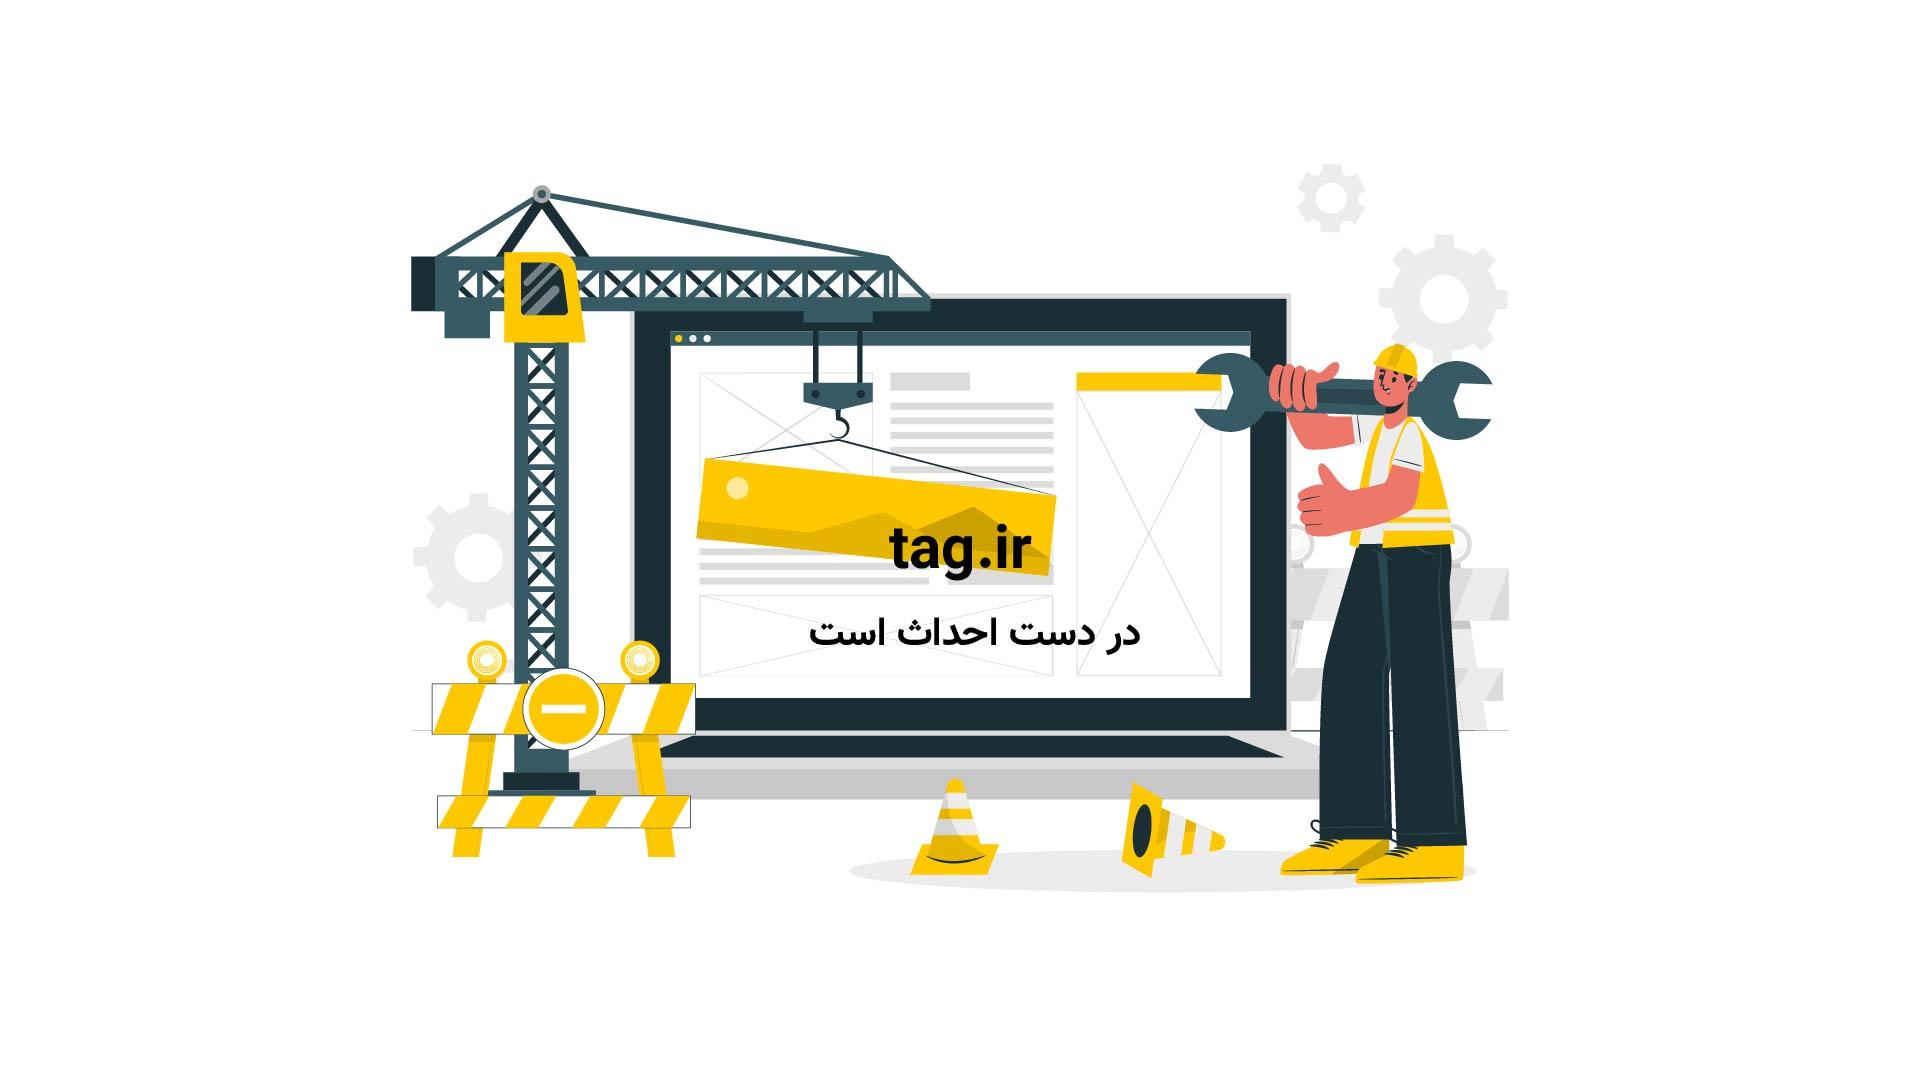 حداقل ۱۸ کشته و ۳۴ مجروح در واژگونی اتوبوس   فیلم